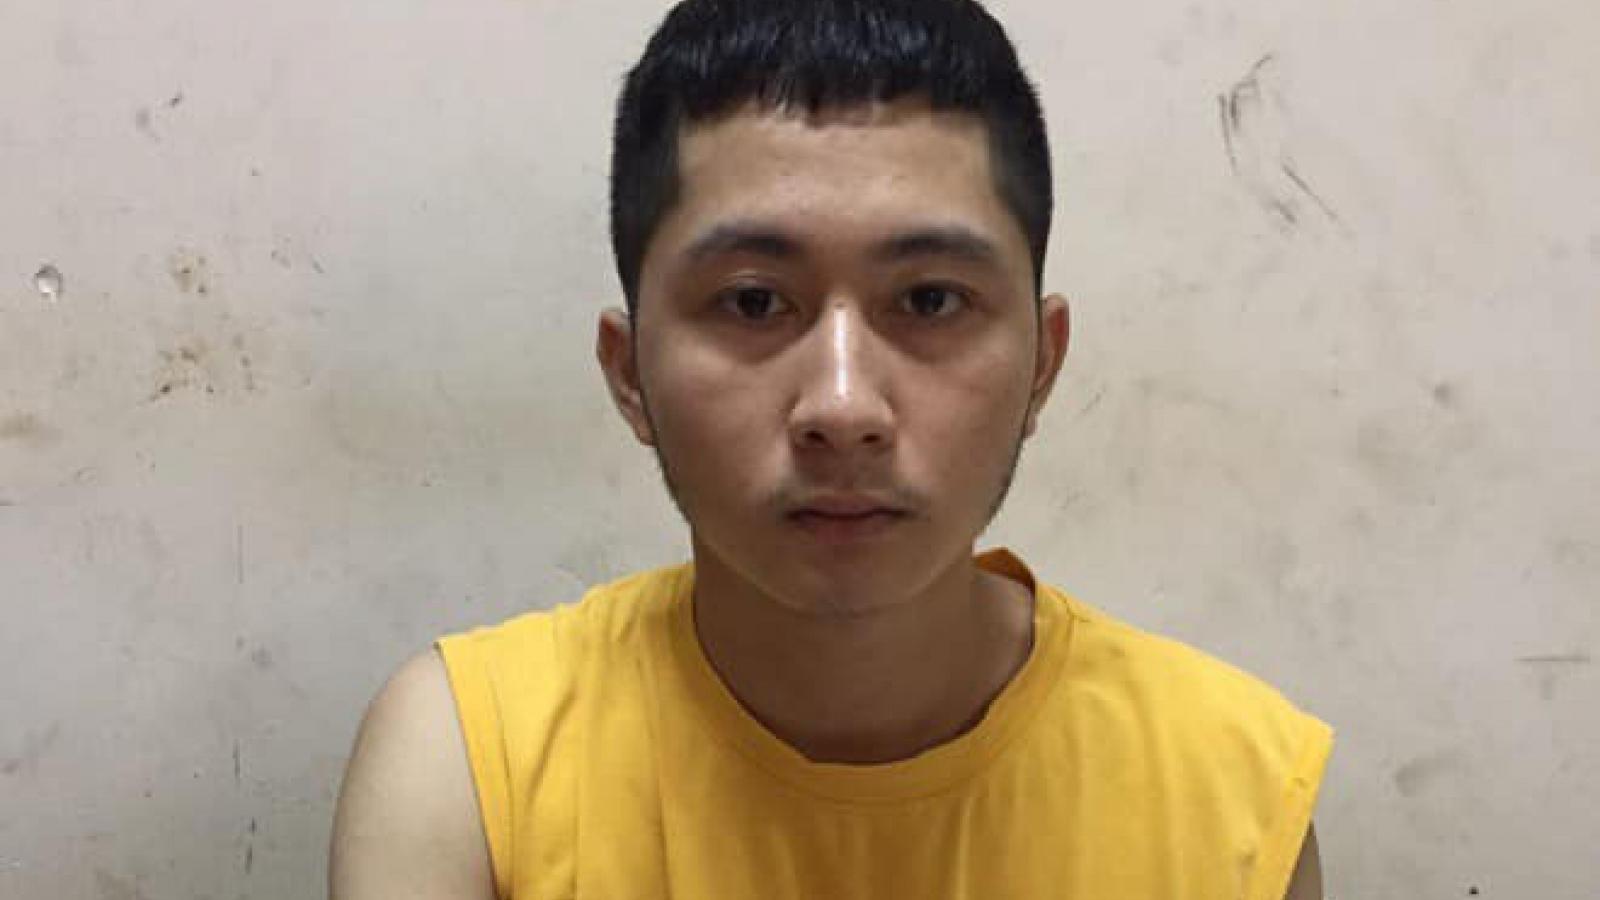 Bắt đối tượng thực hiện 15 vụ trộm tại Trung tâm thương mại Aeon Long Biên